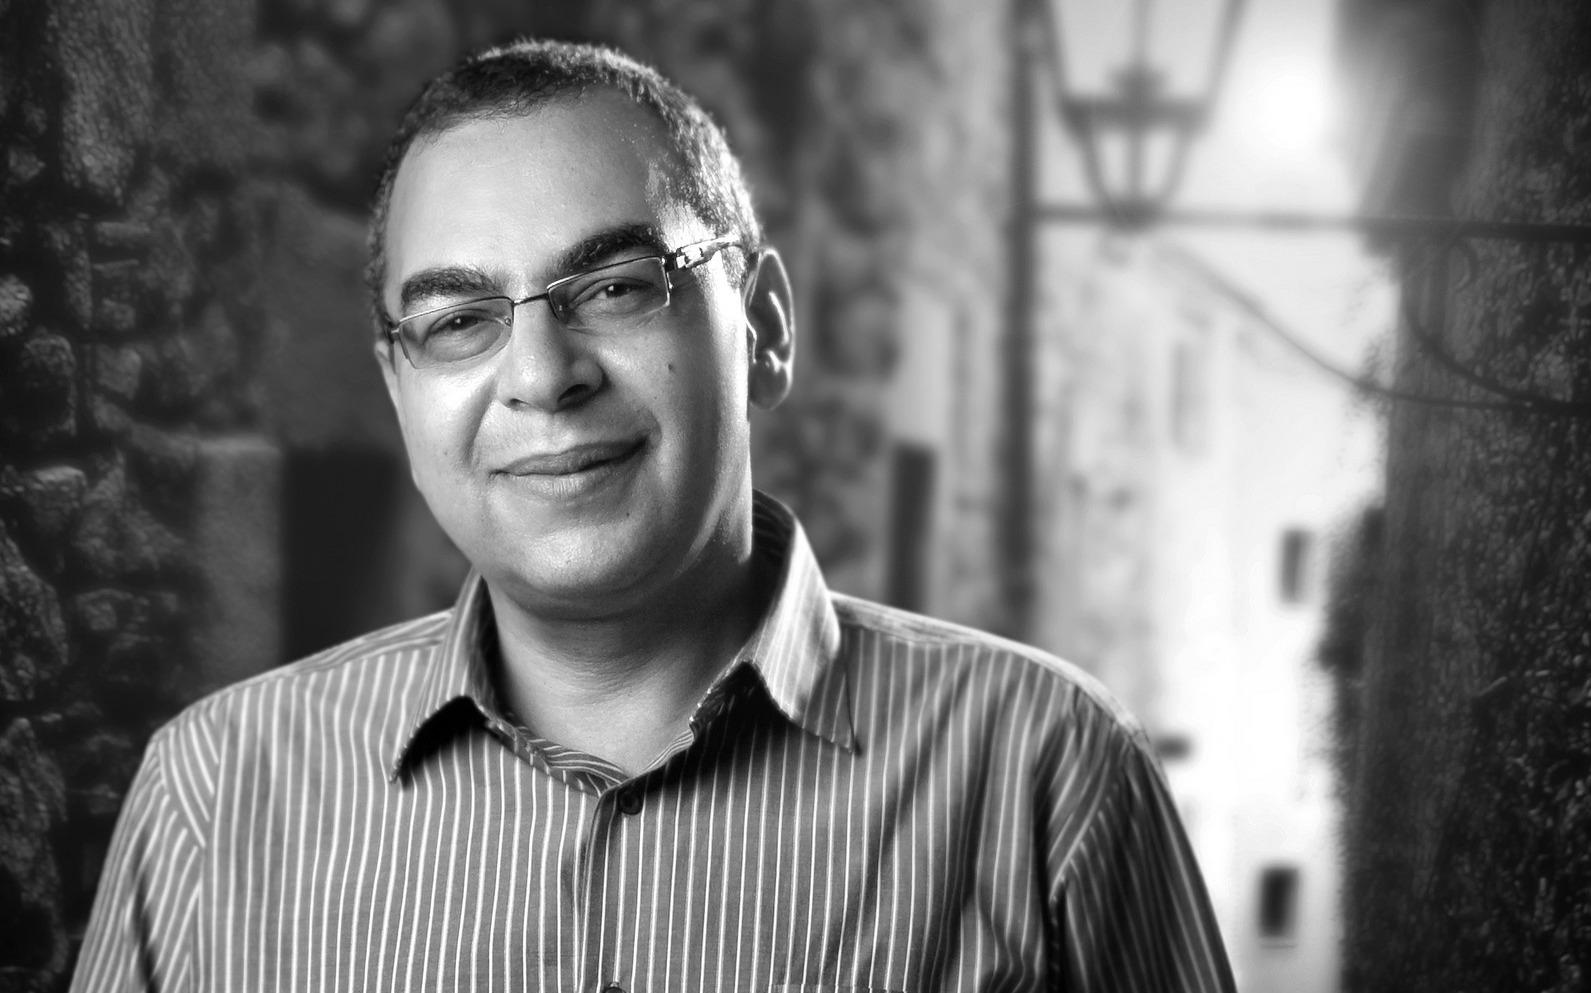 كلمات ملهمة لأحمد خالد توفيق.. عن الموت والحب والنصح والسياسة